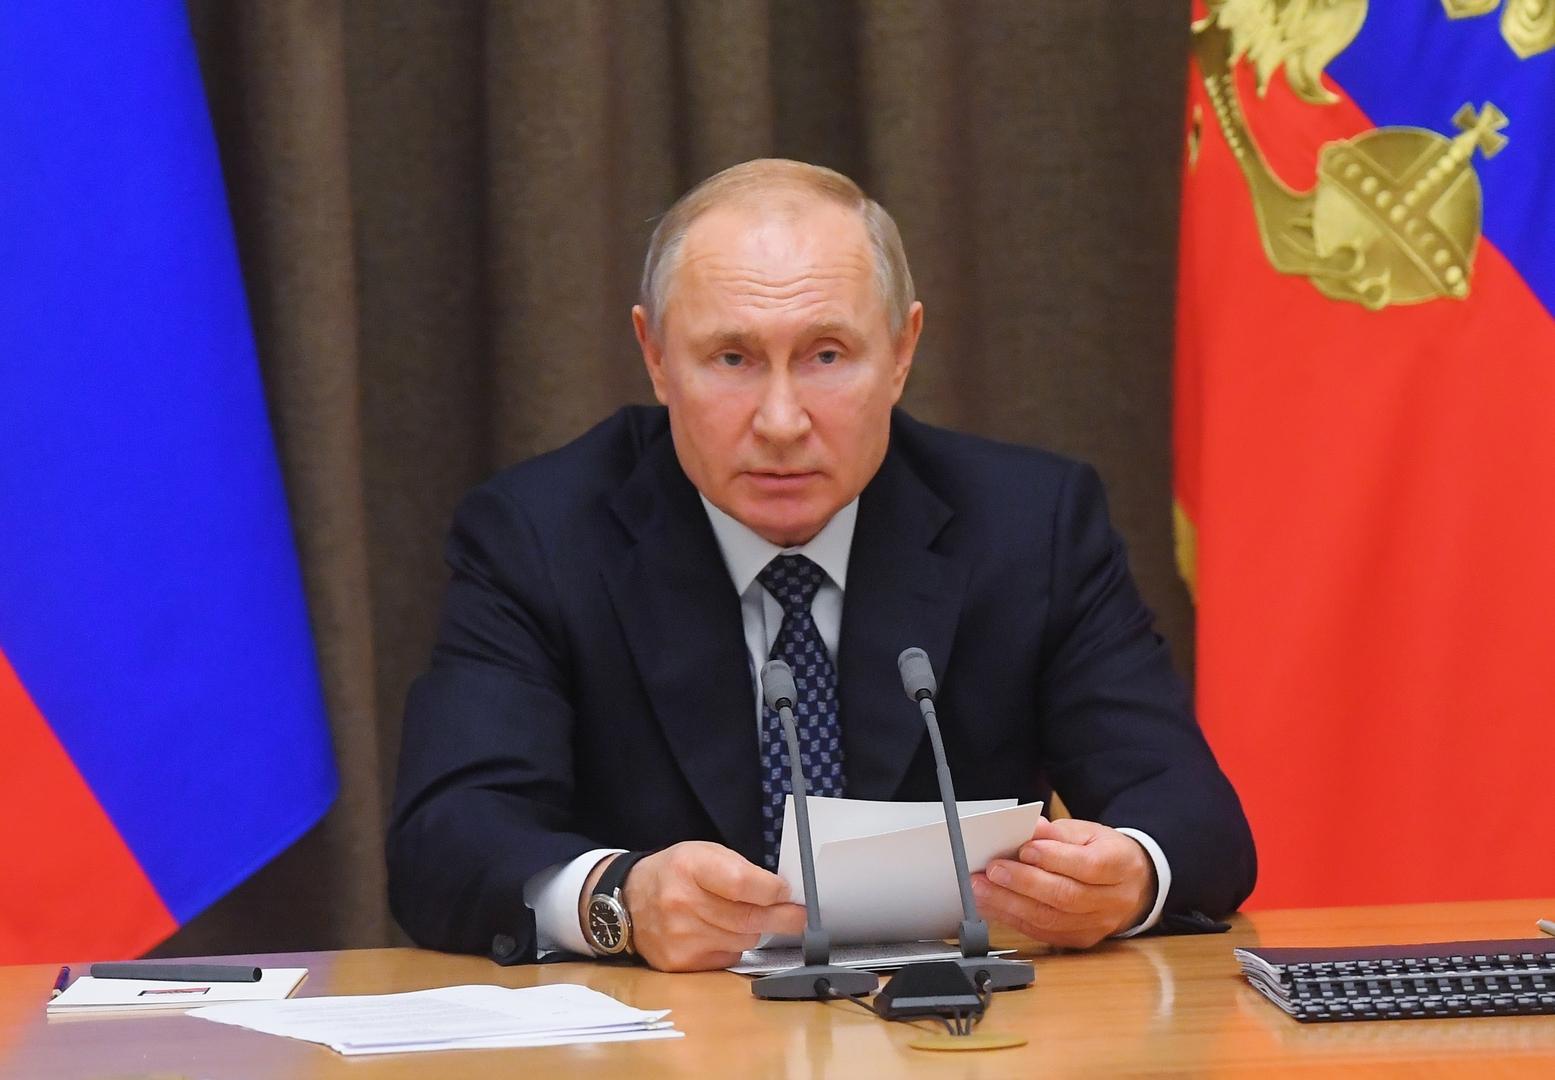 بوتين: الولايات المتحدة تنظر إلى الفضاء كساحة للحرب وعلينا تعزيز مجموعة أقمارنا